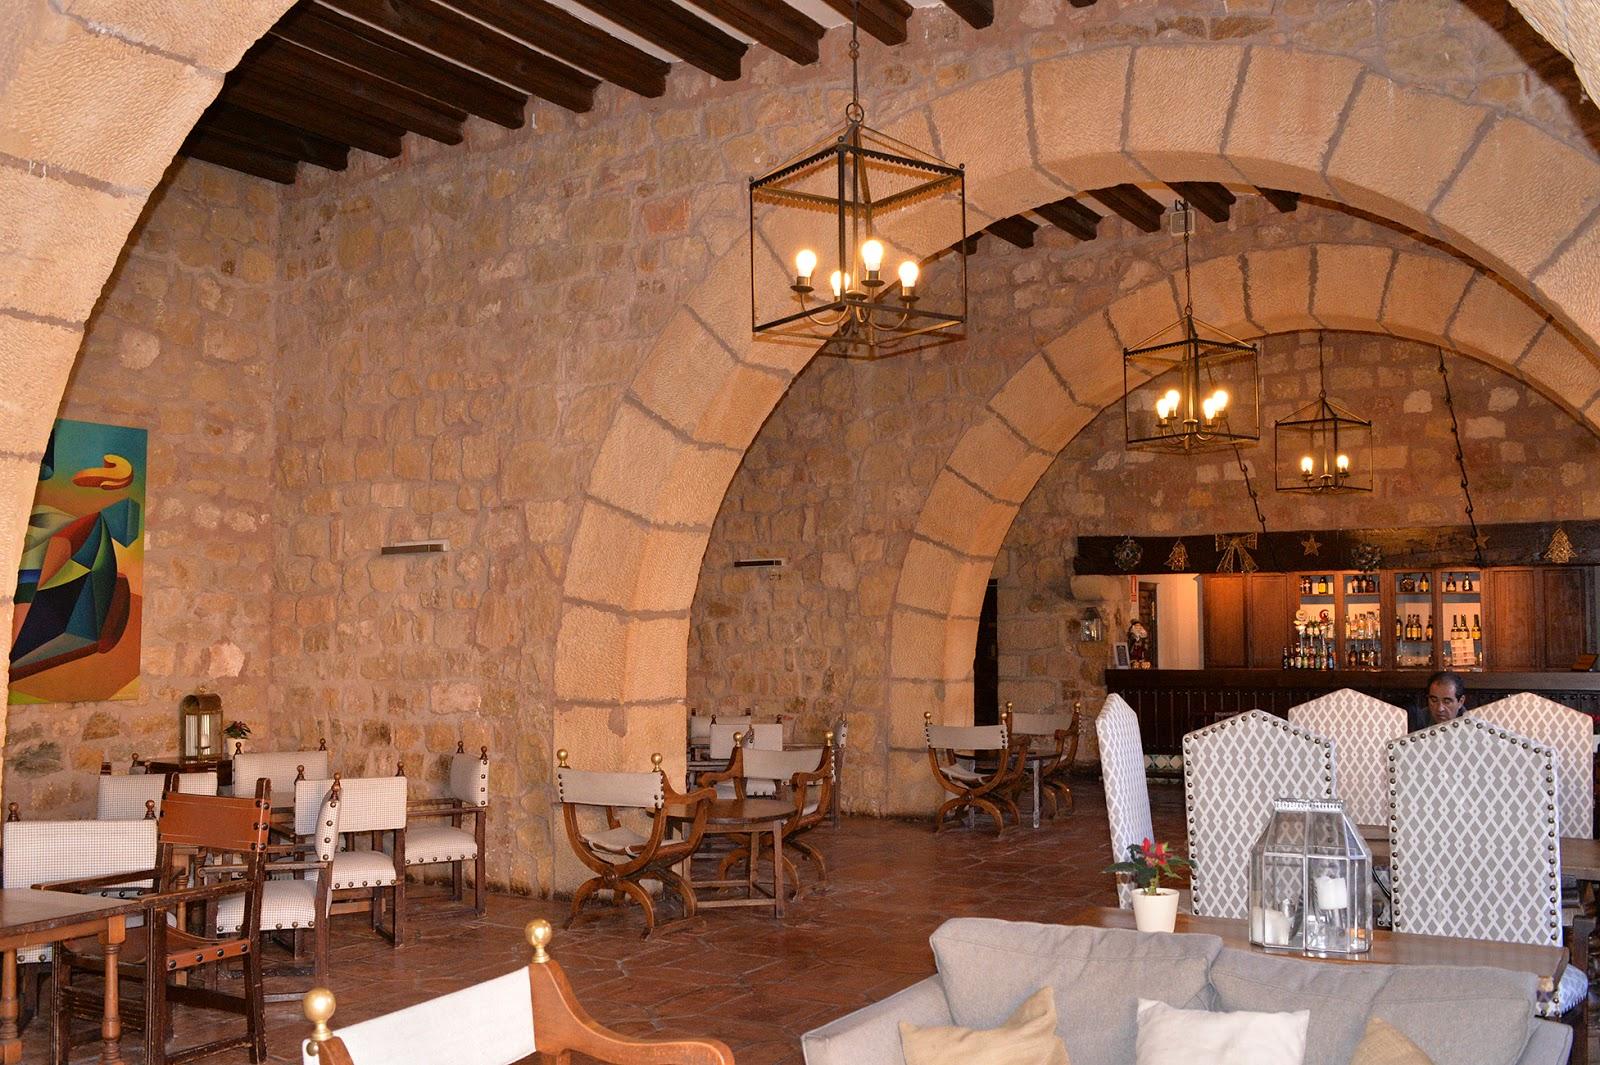 castillo parador sigüenza castle spain españa cafeteria